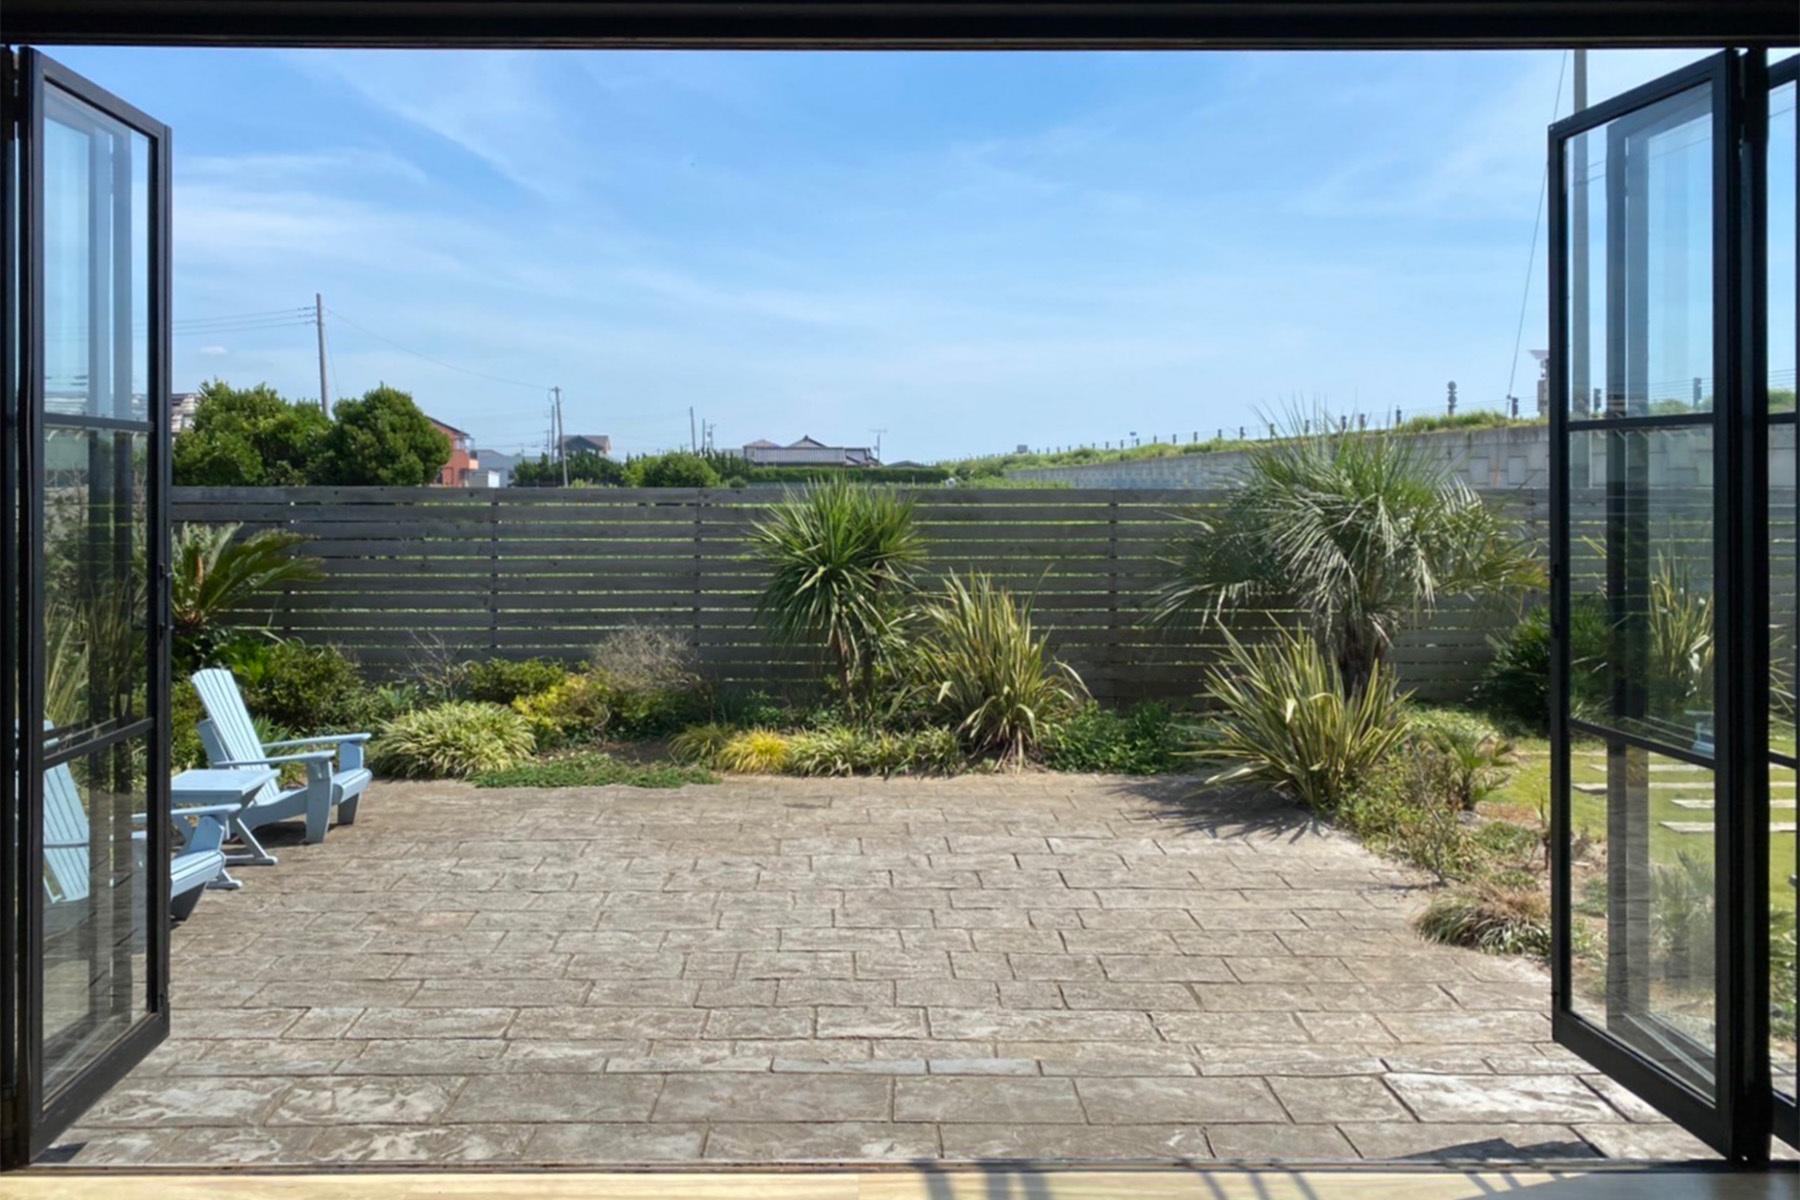 Studio One Kujyukuri Beach (スタジオ ワン クジュウクリ ビーチ)ガーデン②石畳